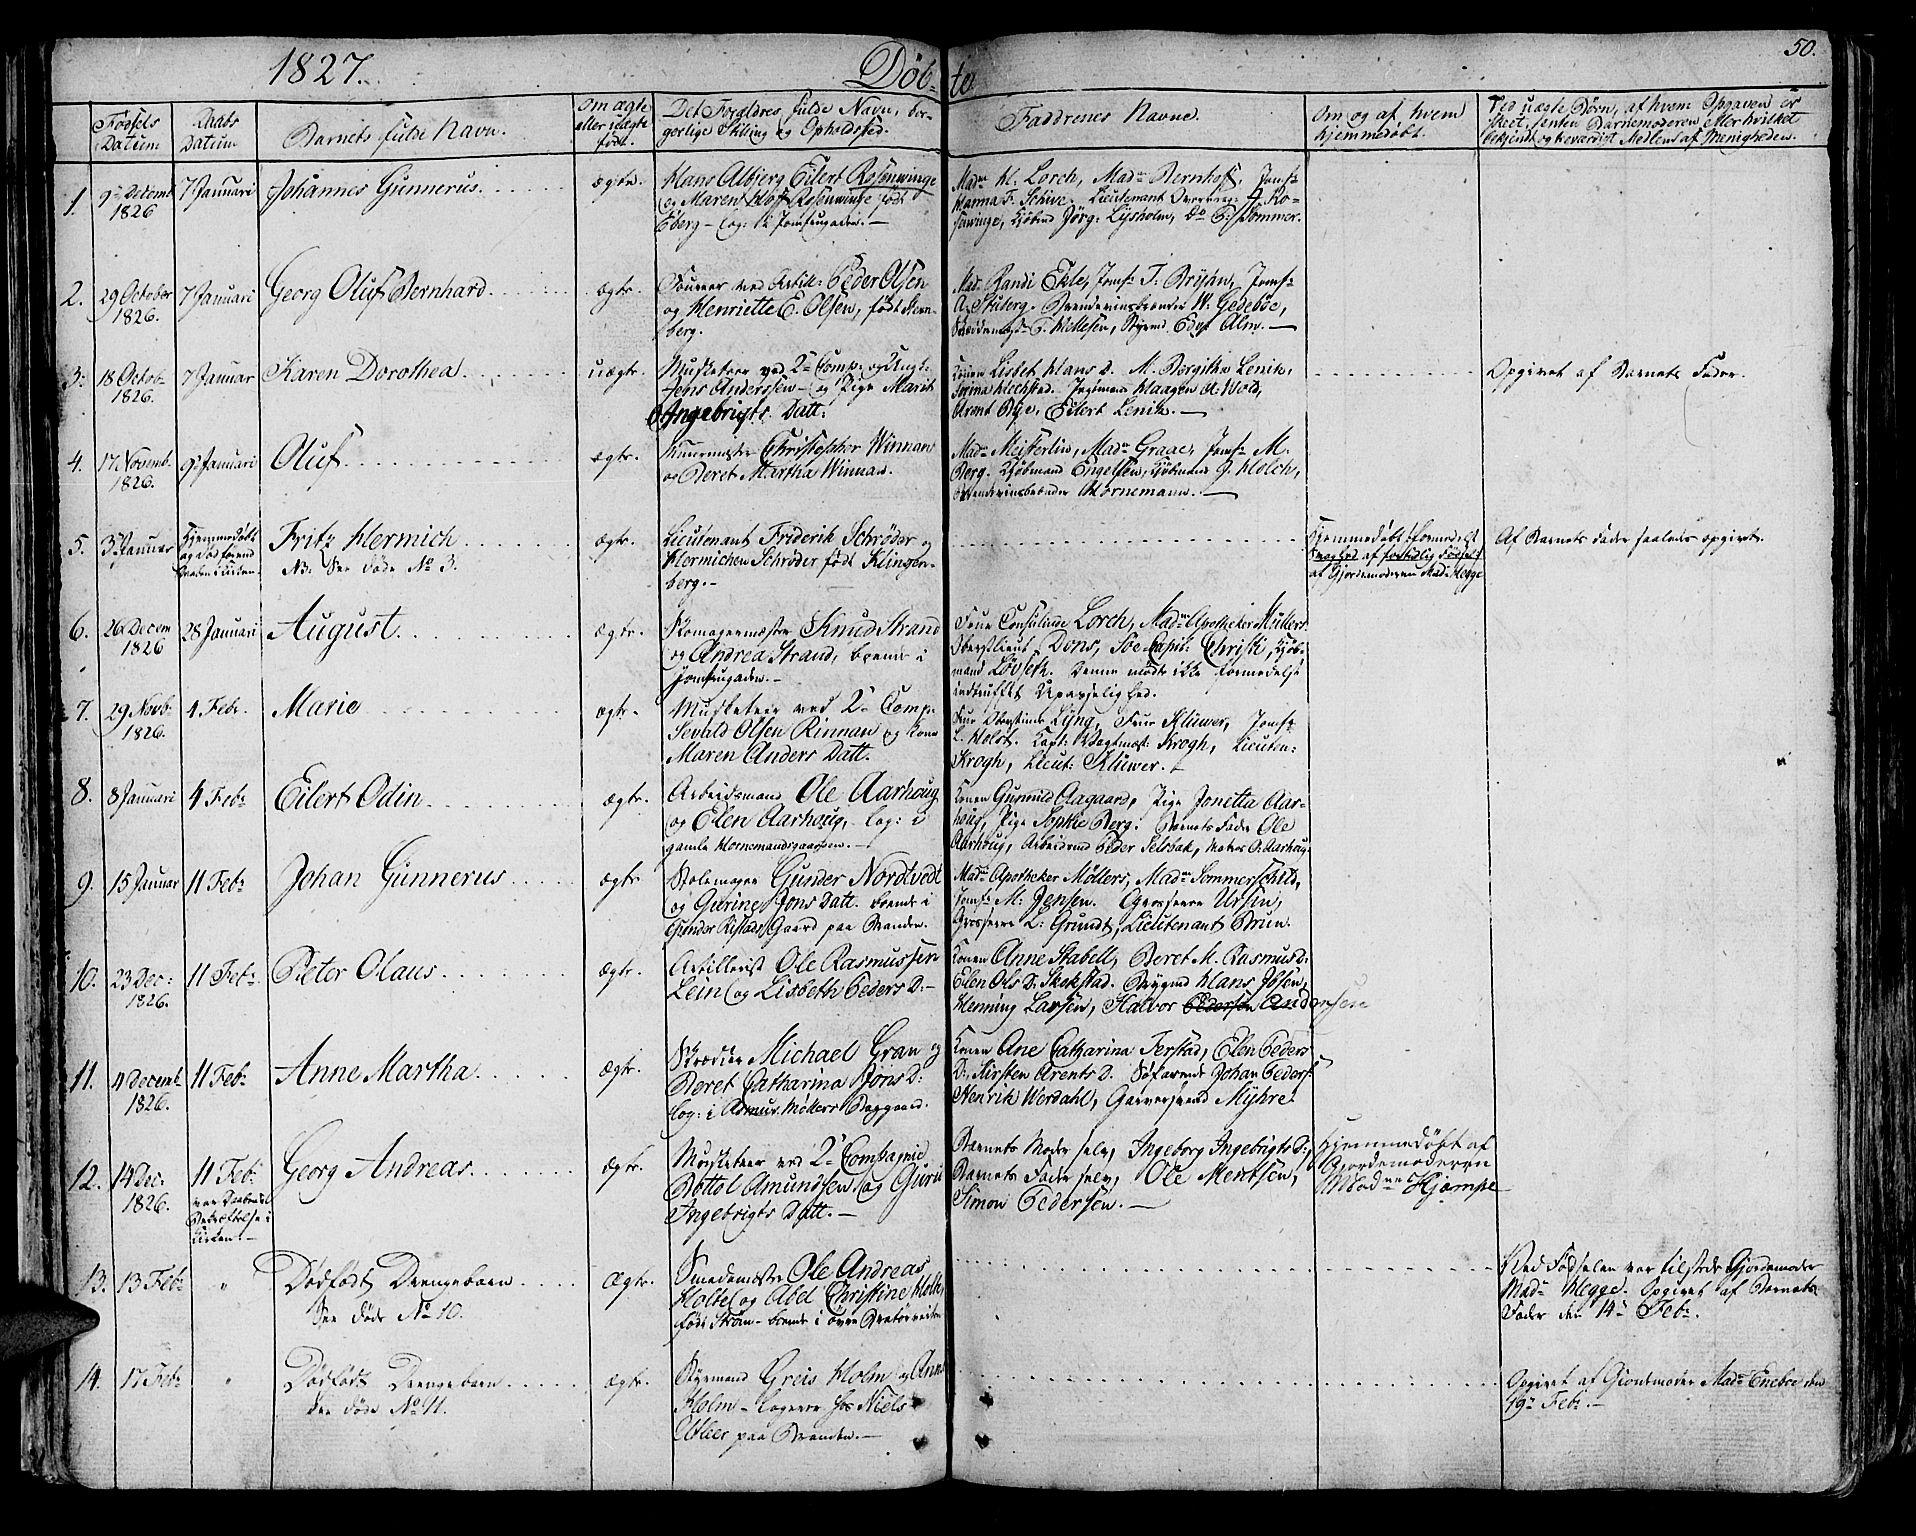 SAT, Ministerialprotokoller, klokkerbøker og fødselsregistre - Sør-Trøndelag, 602/L0108: Ministerialbok nr. 602A06, 1821-1839, s. 50